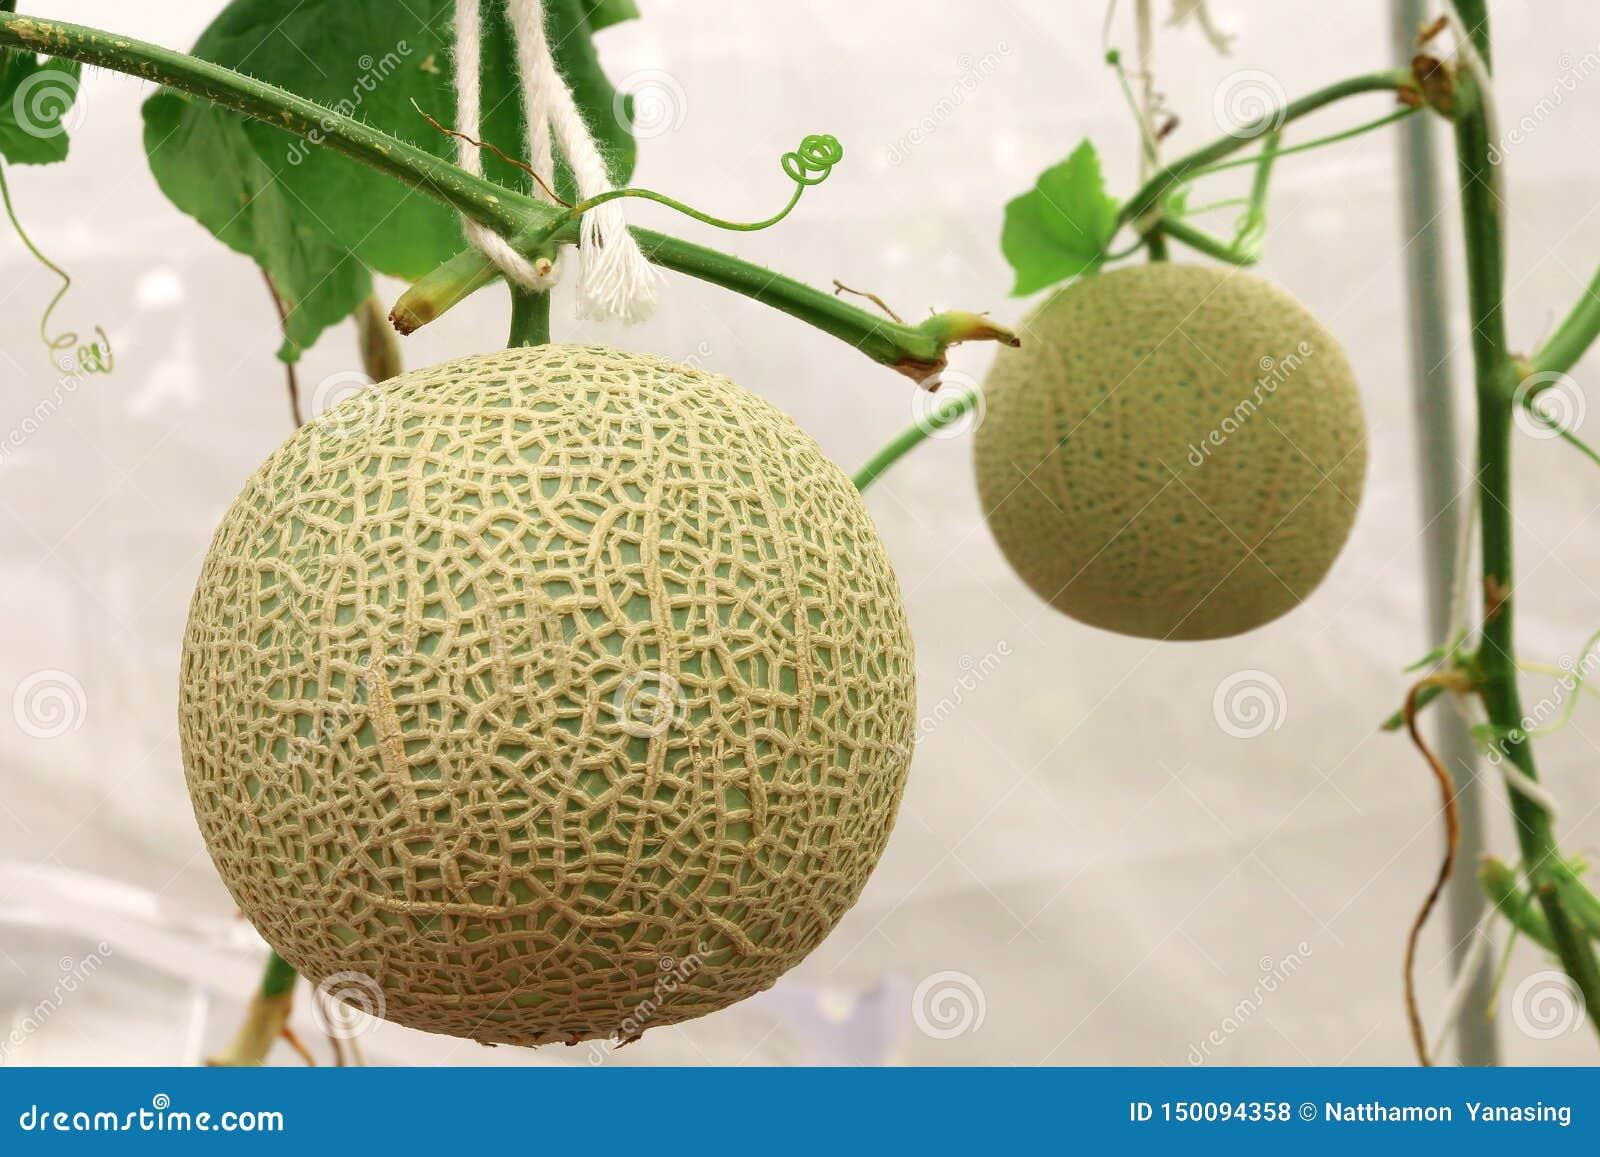 Usines fra?ches de melons de cantaloup s ?levant dans la ferme de serre chaude